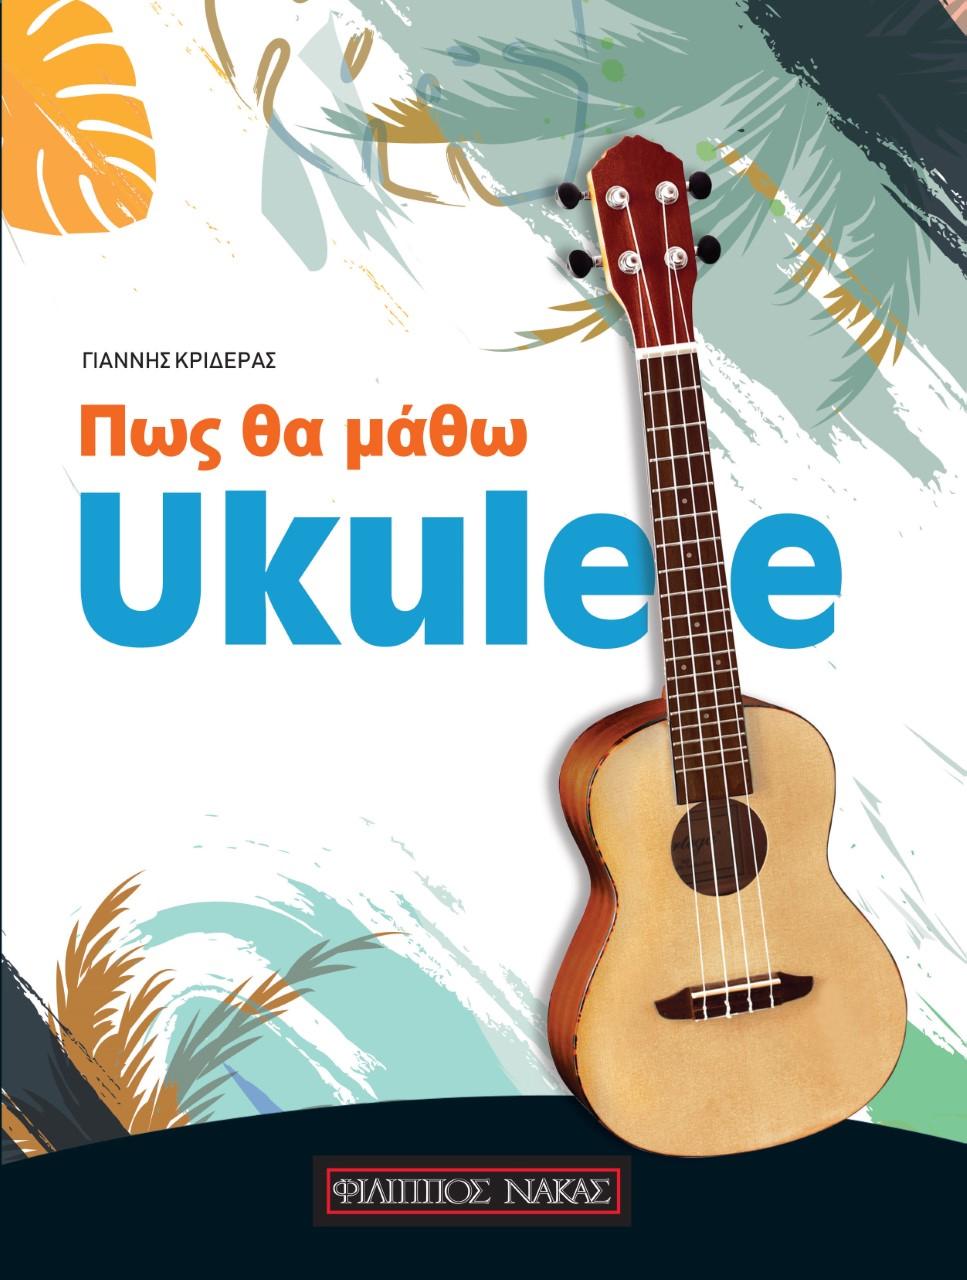 Γιάννης Κριδεράς – Πως θα μάθω Ukulele